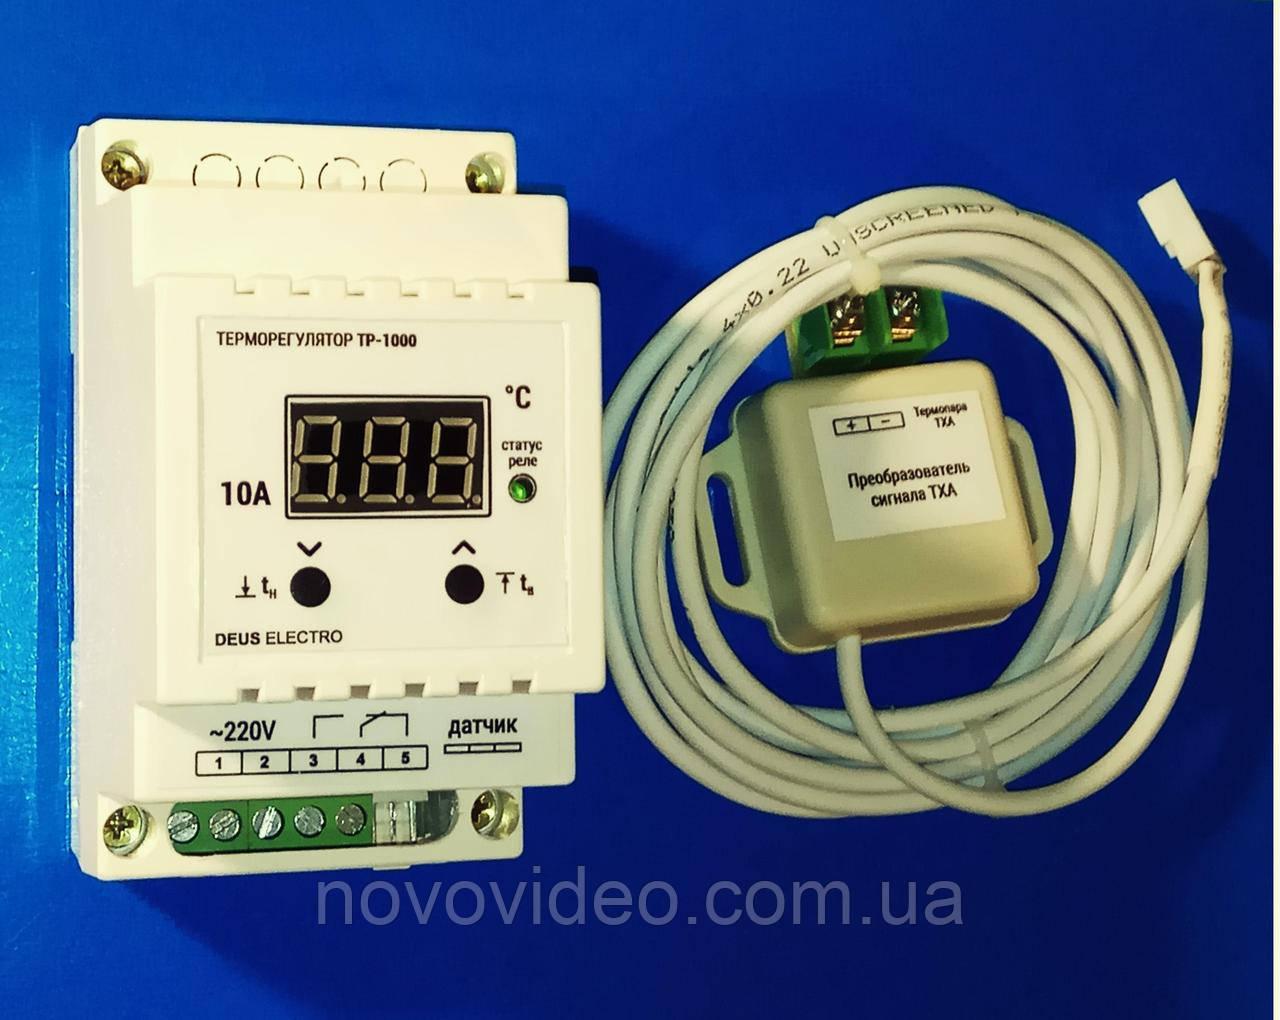 Терморегулятор для печи на DIN-рейку ТР-1000 до 650°C